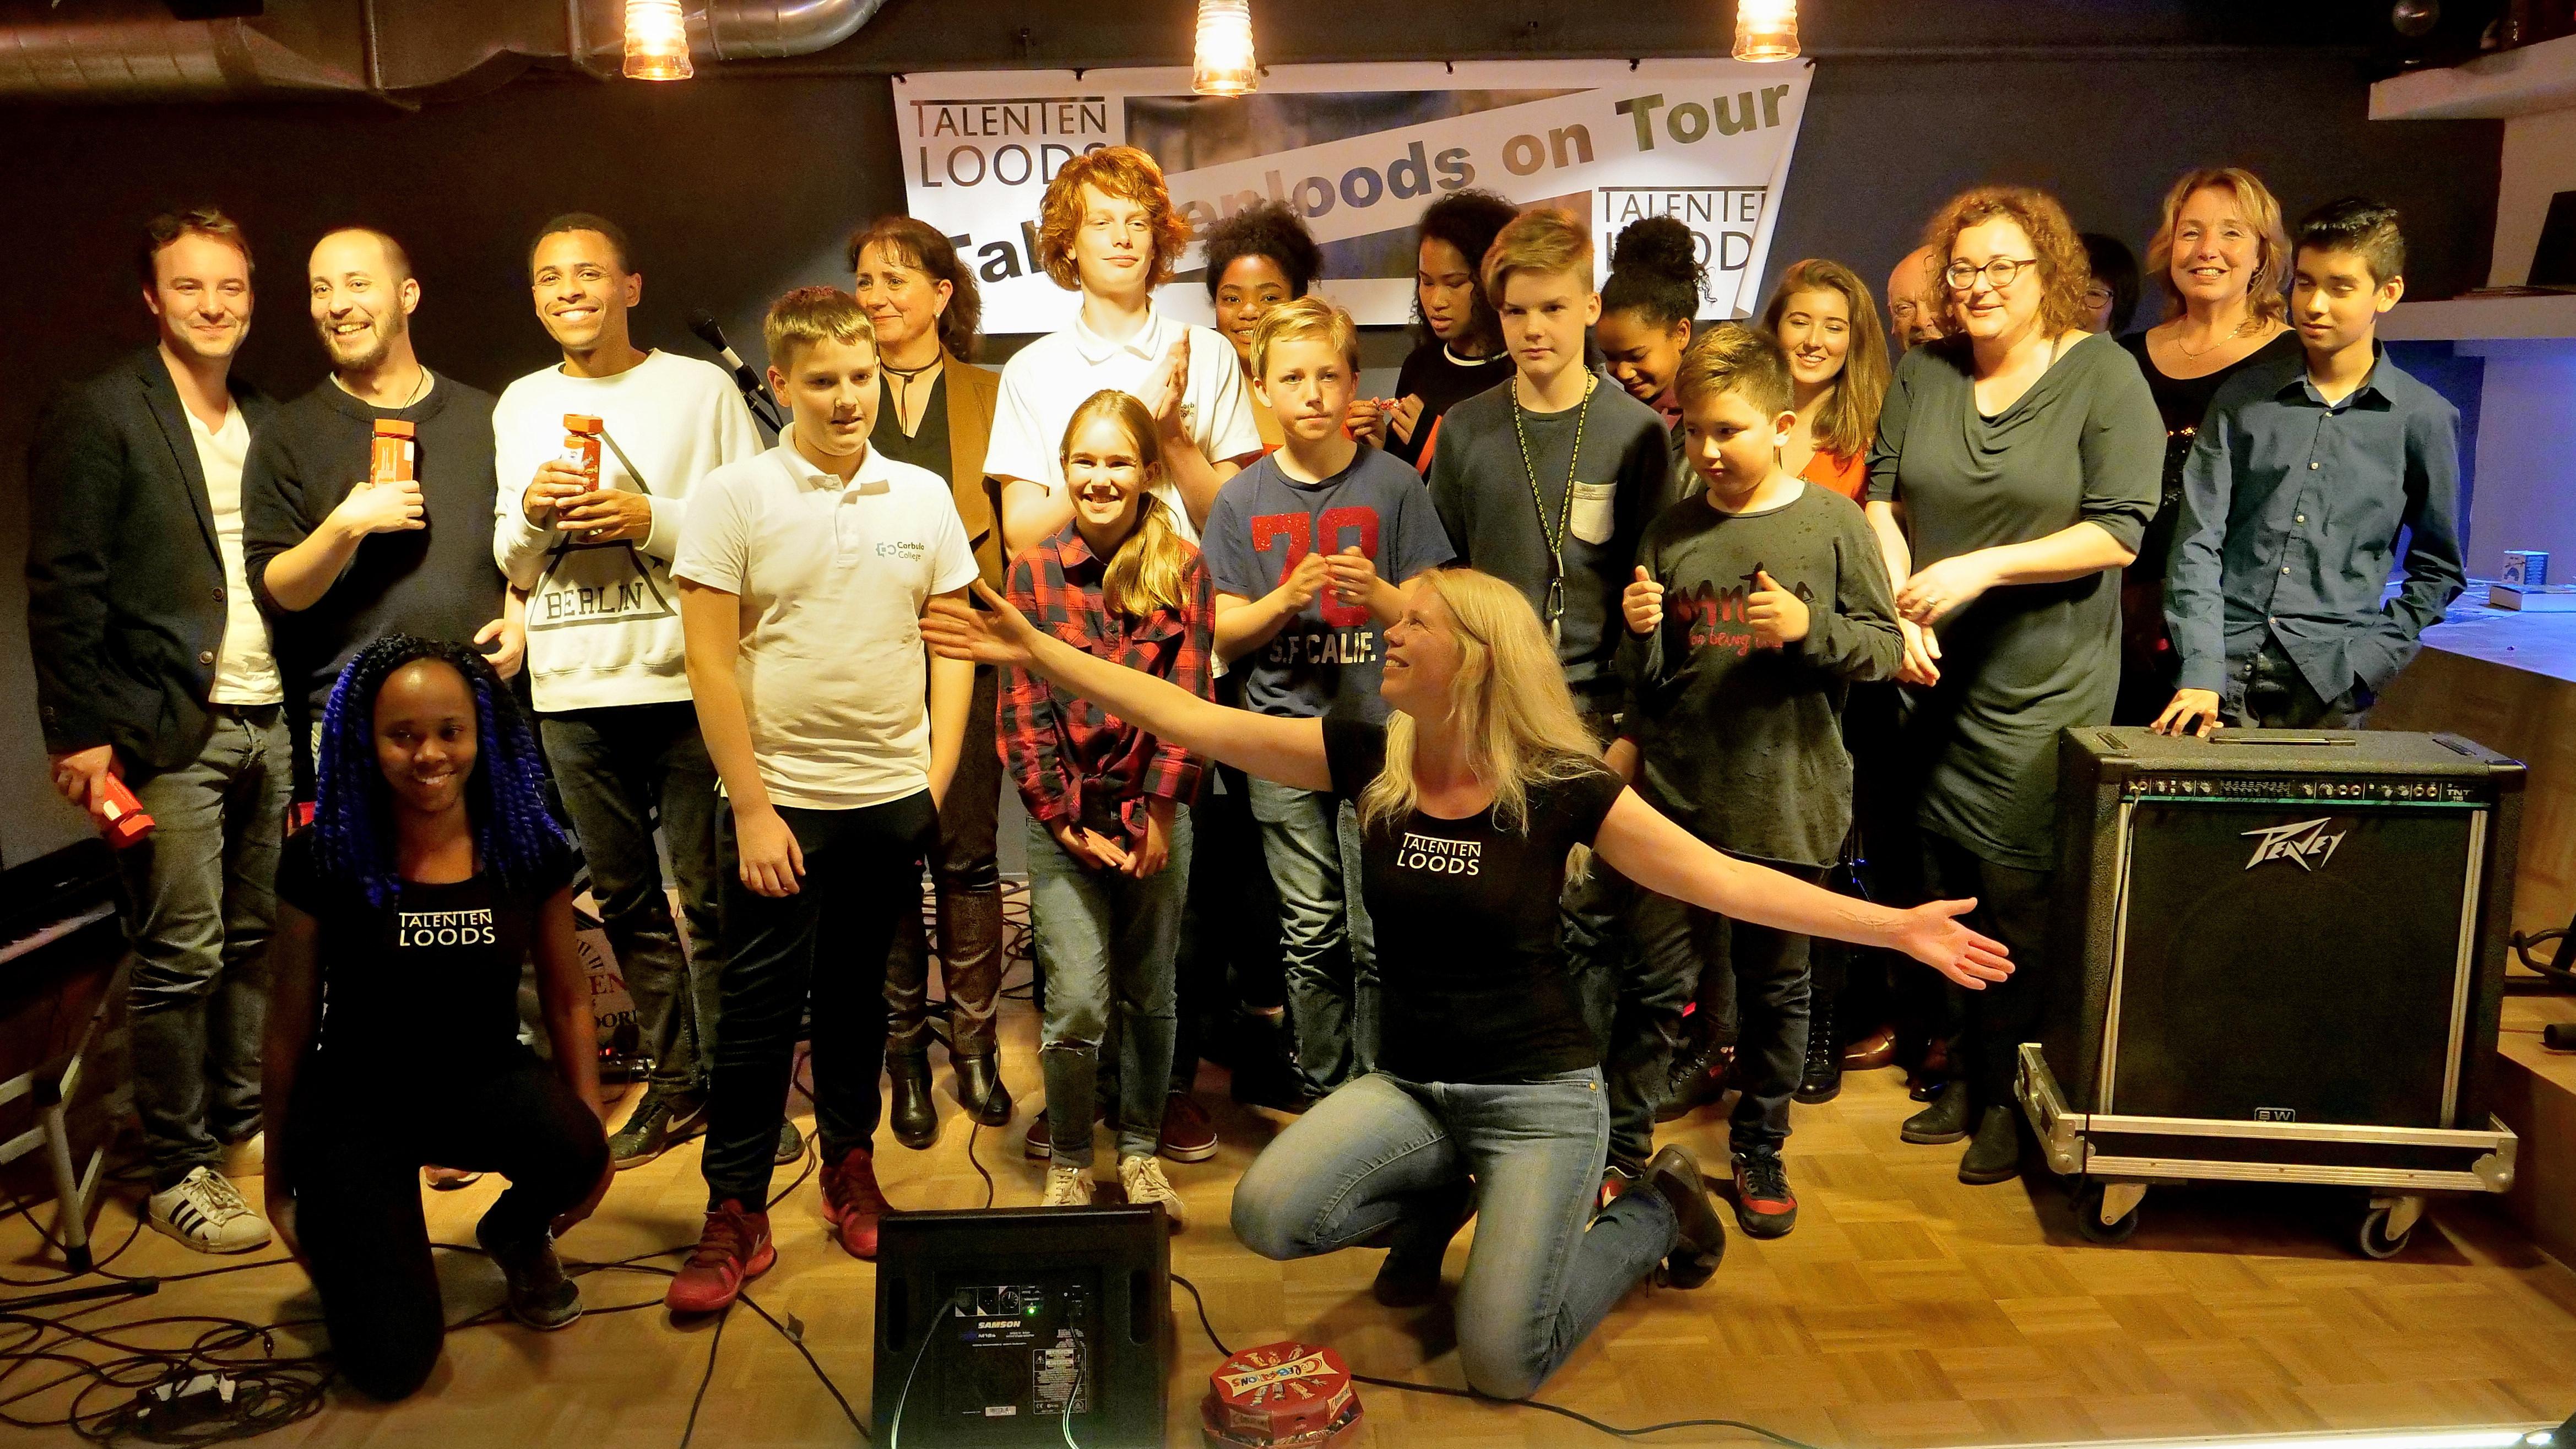 Eerste Two Talents Open Podium Talentenloods